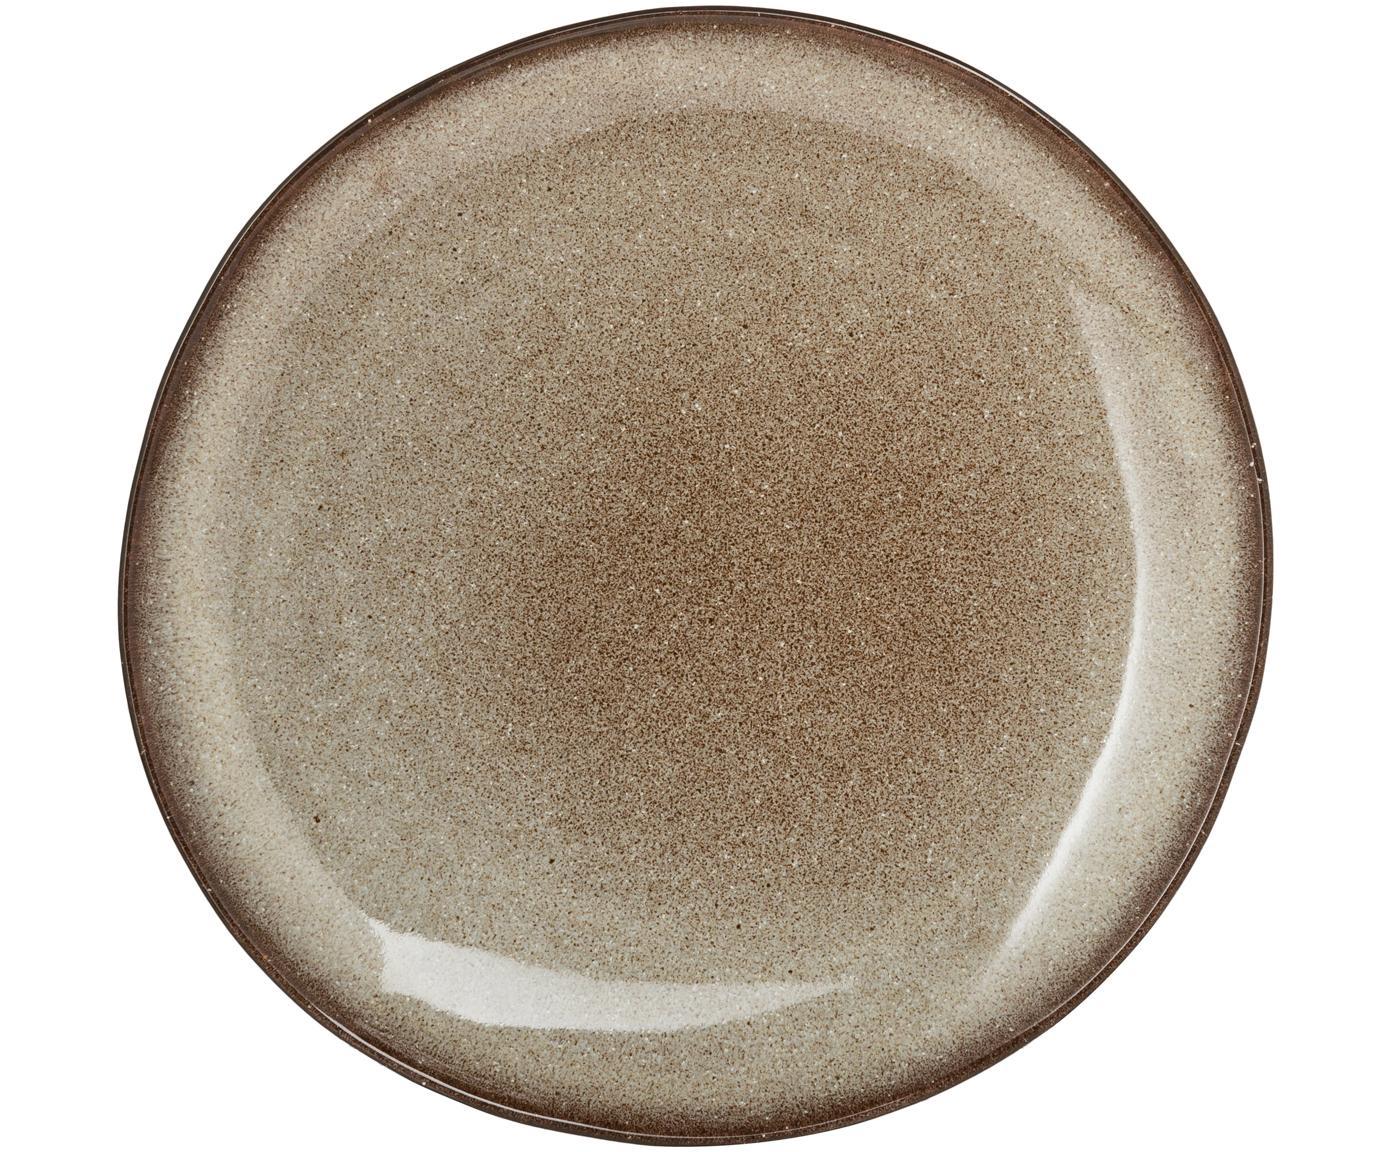 Ręcznie wykonany talerz  Sandrine, Ceramika, Jasny szary, beżowy, Ø 22 x W 2 cm